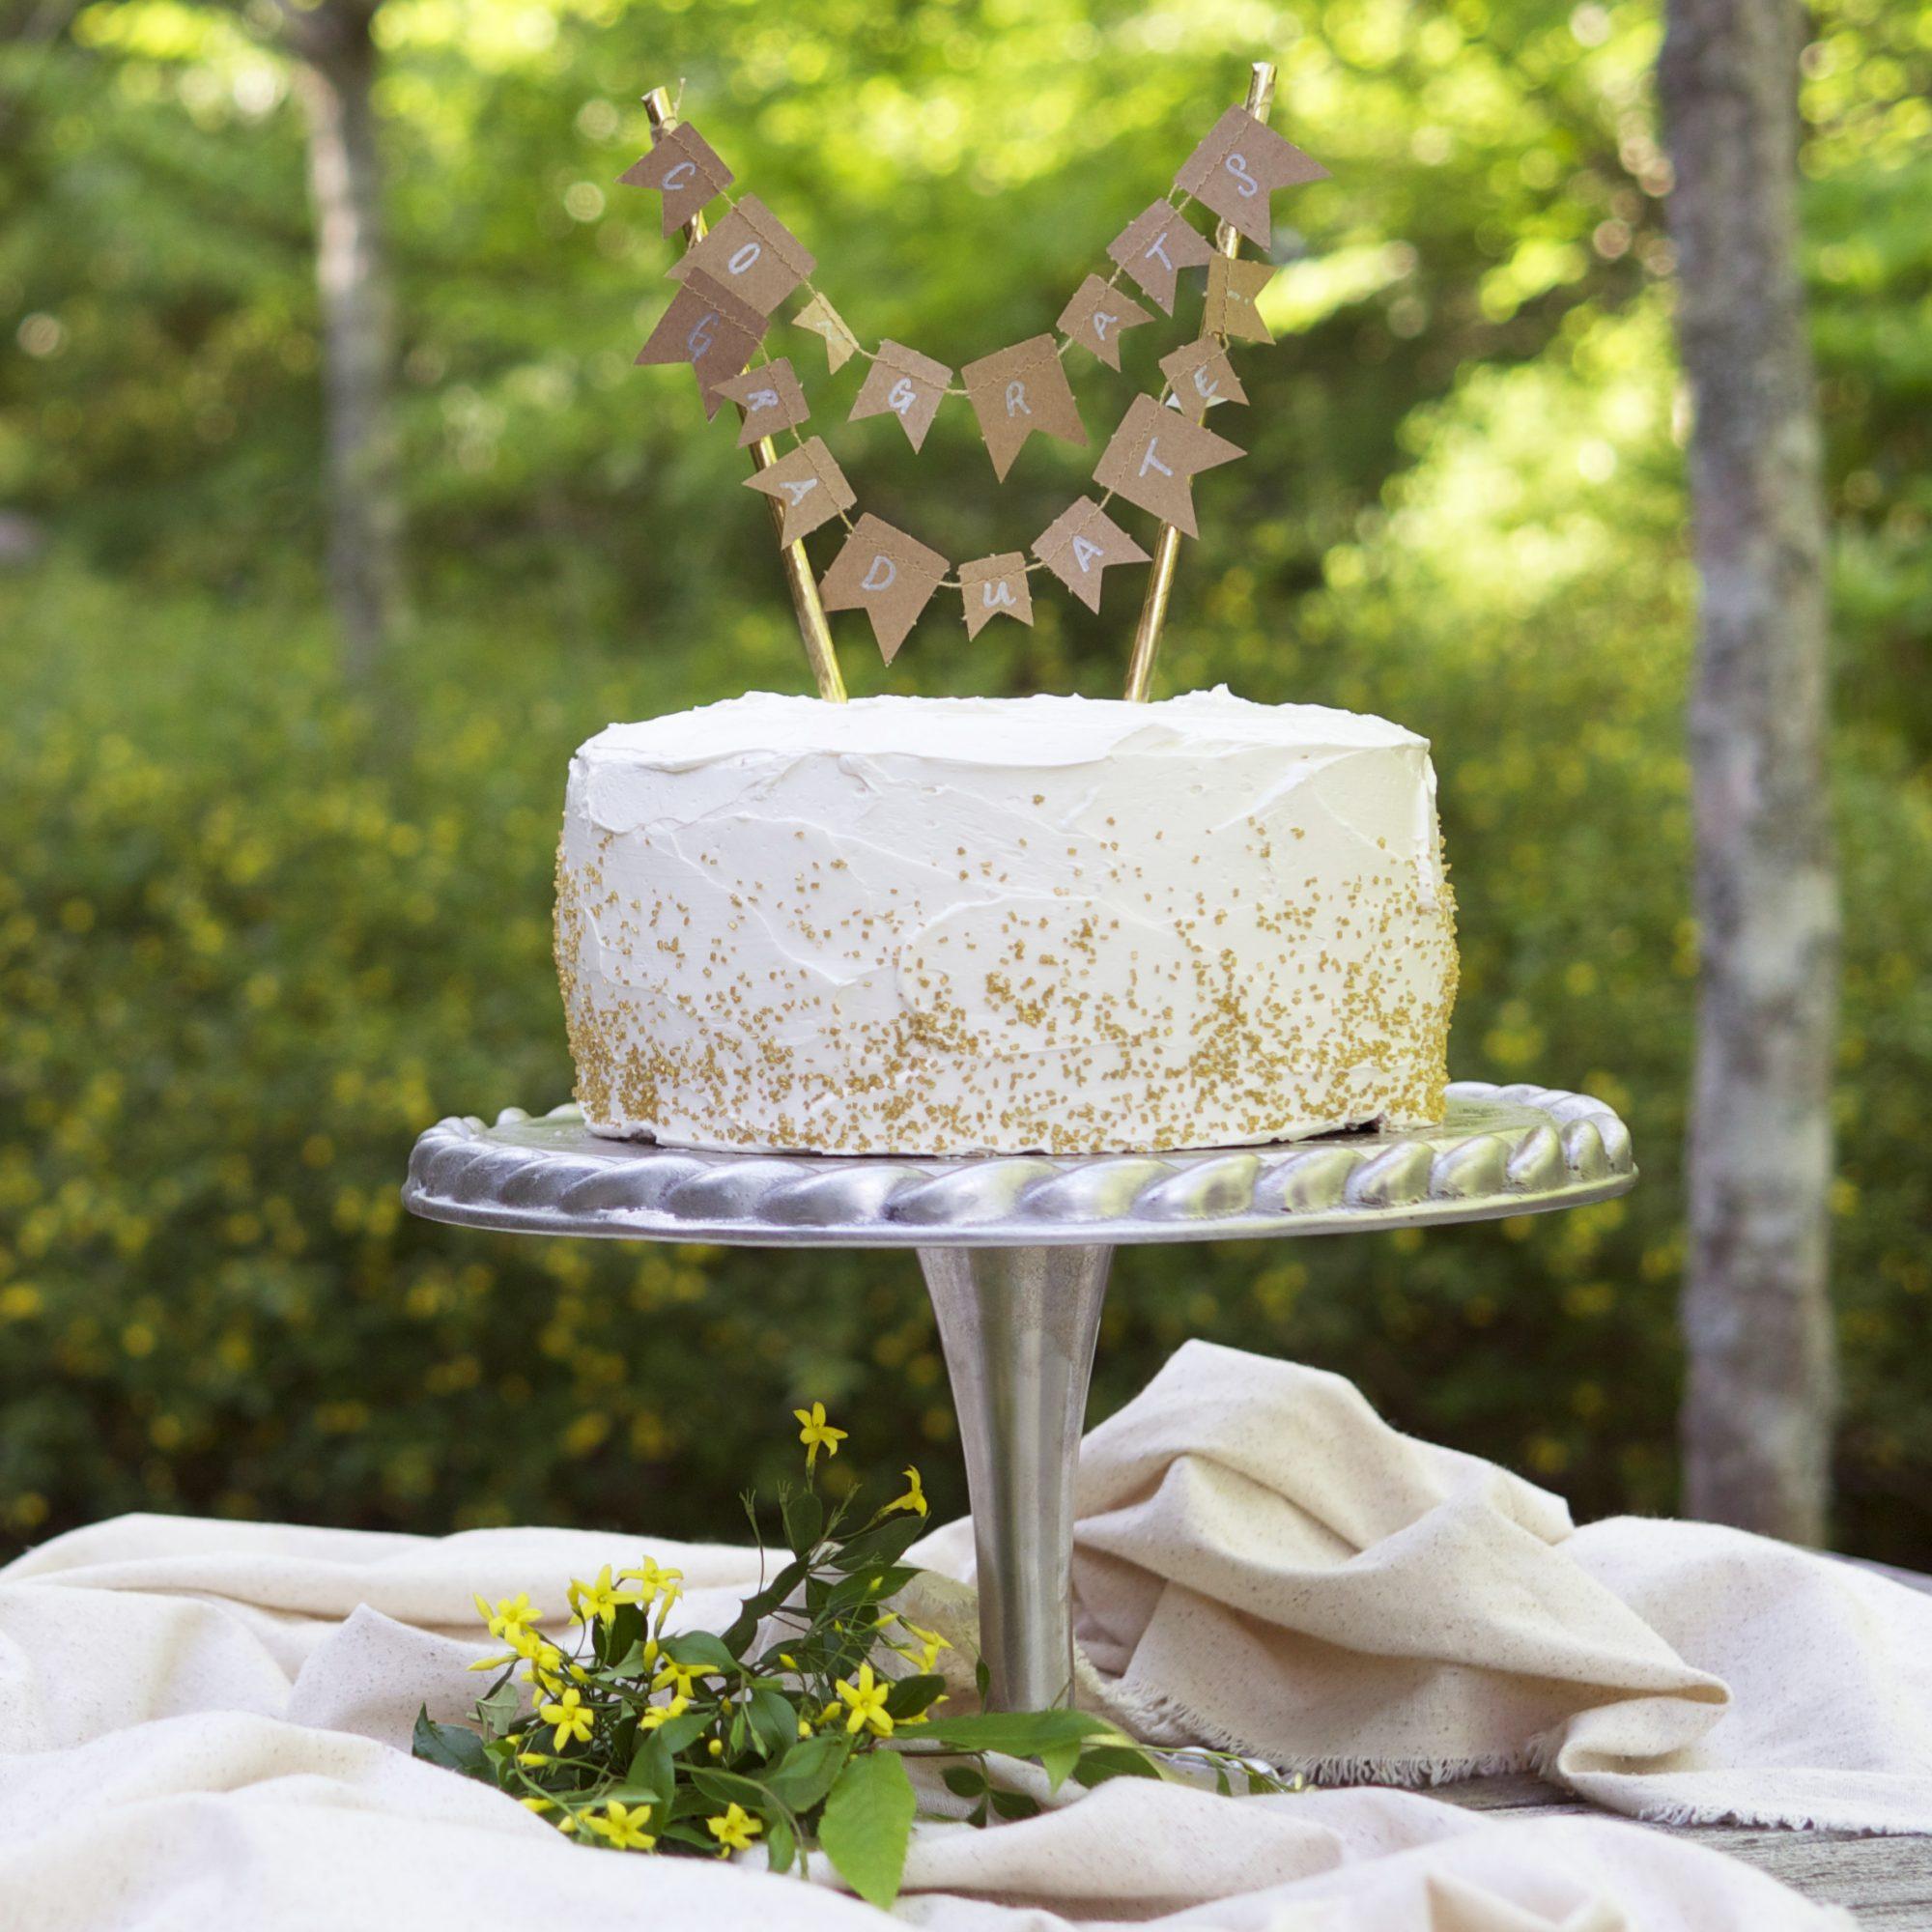 mr-graduation-cake-image